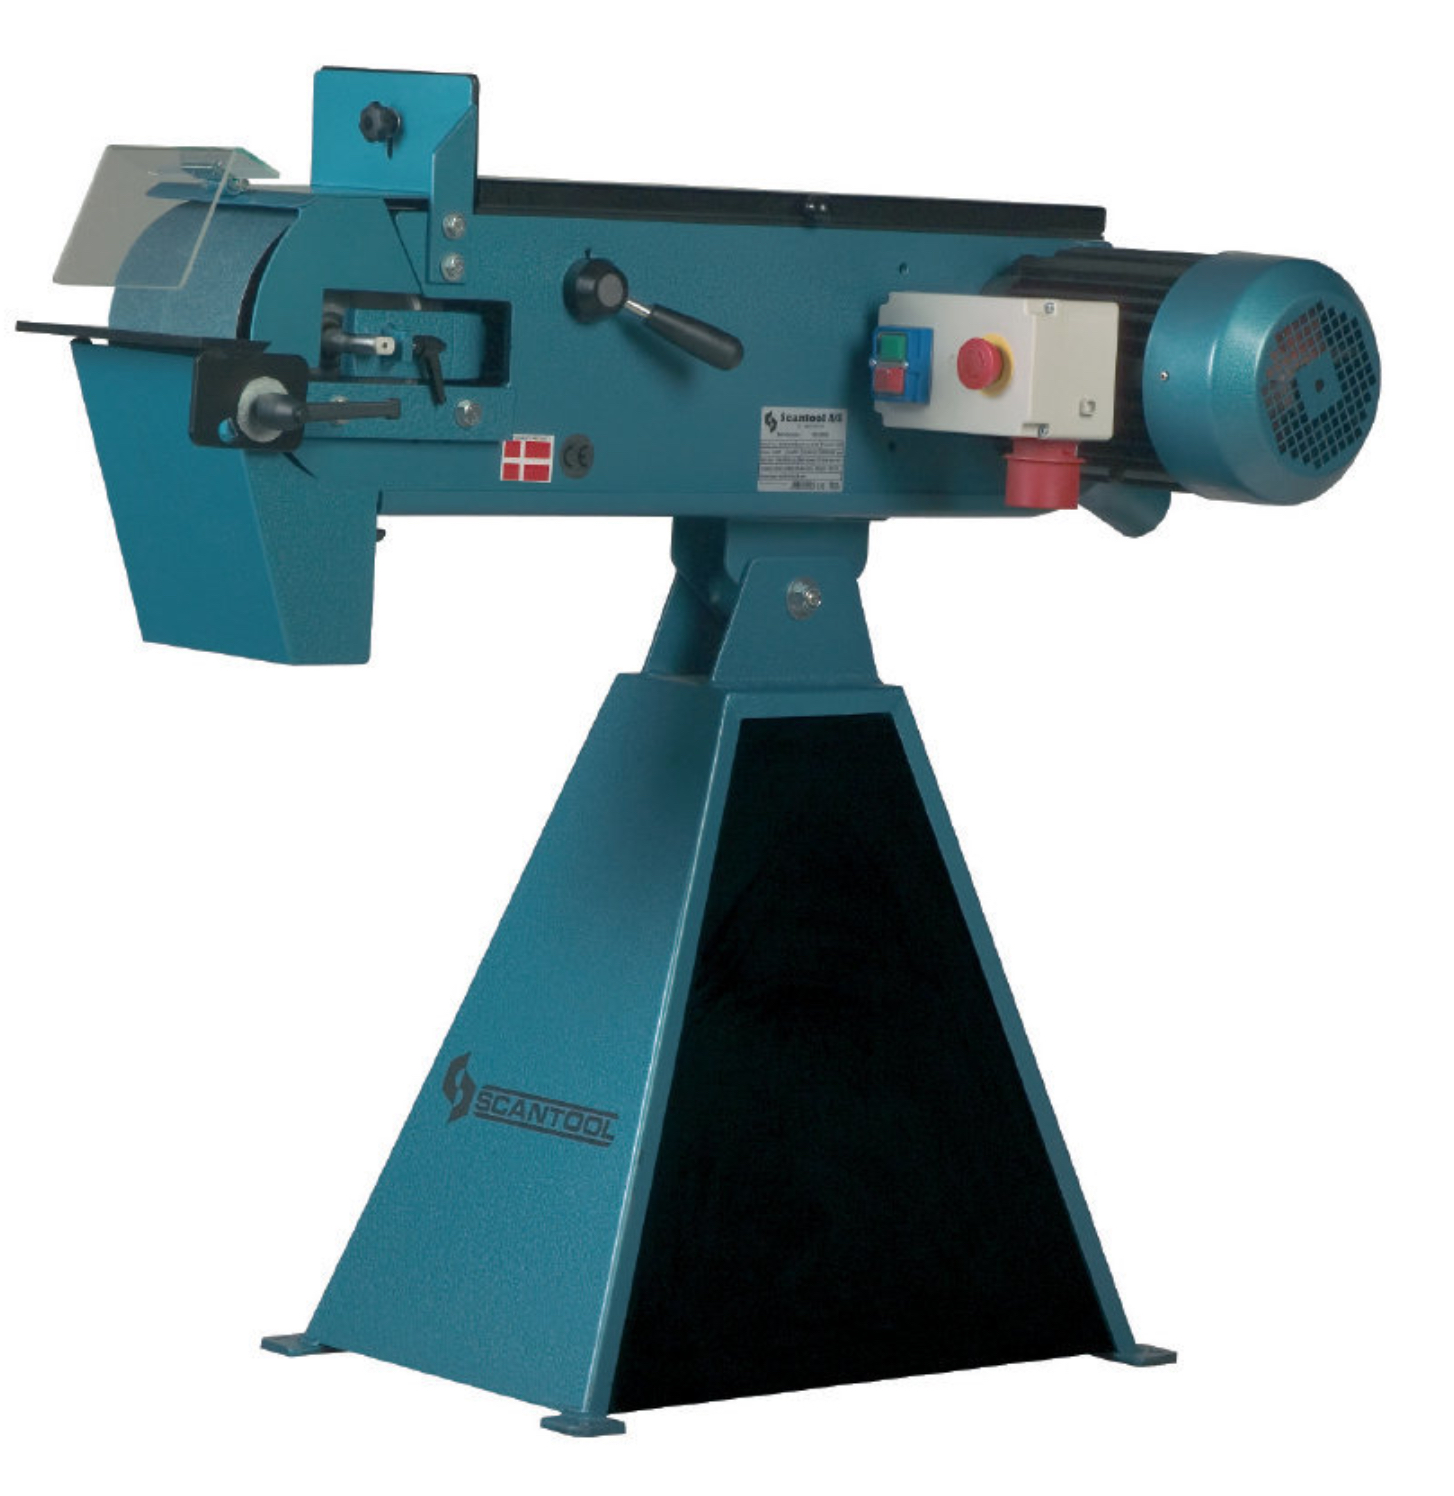 Szlifierka taśmowa Scantool 100x2000mm - 3,6 kW